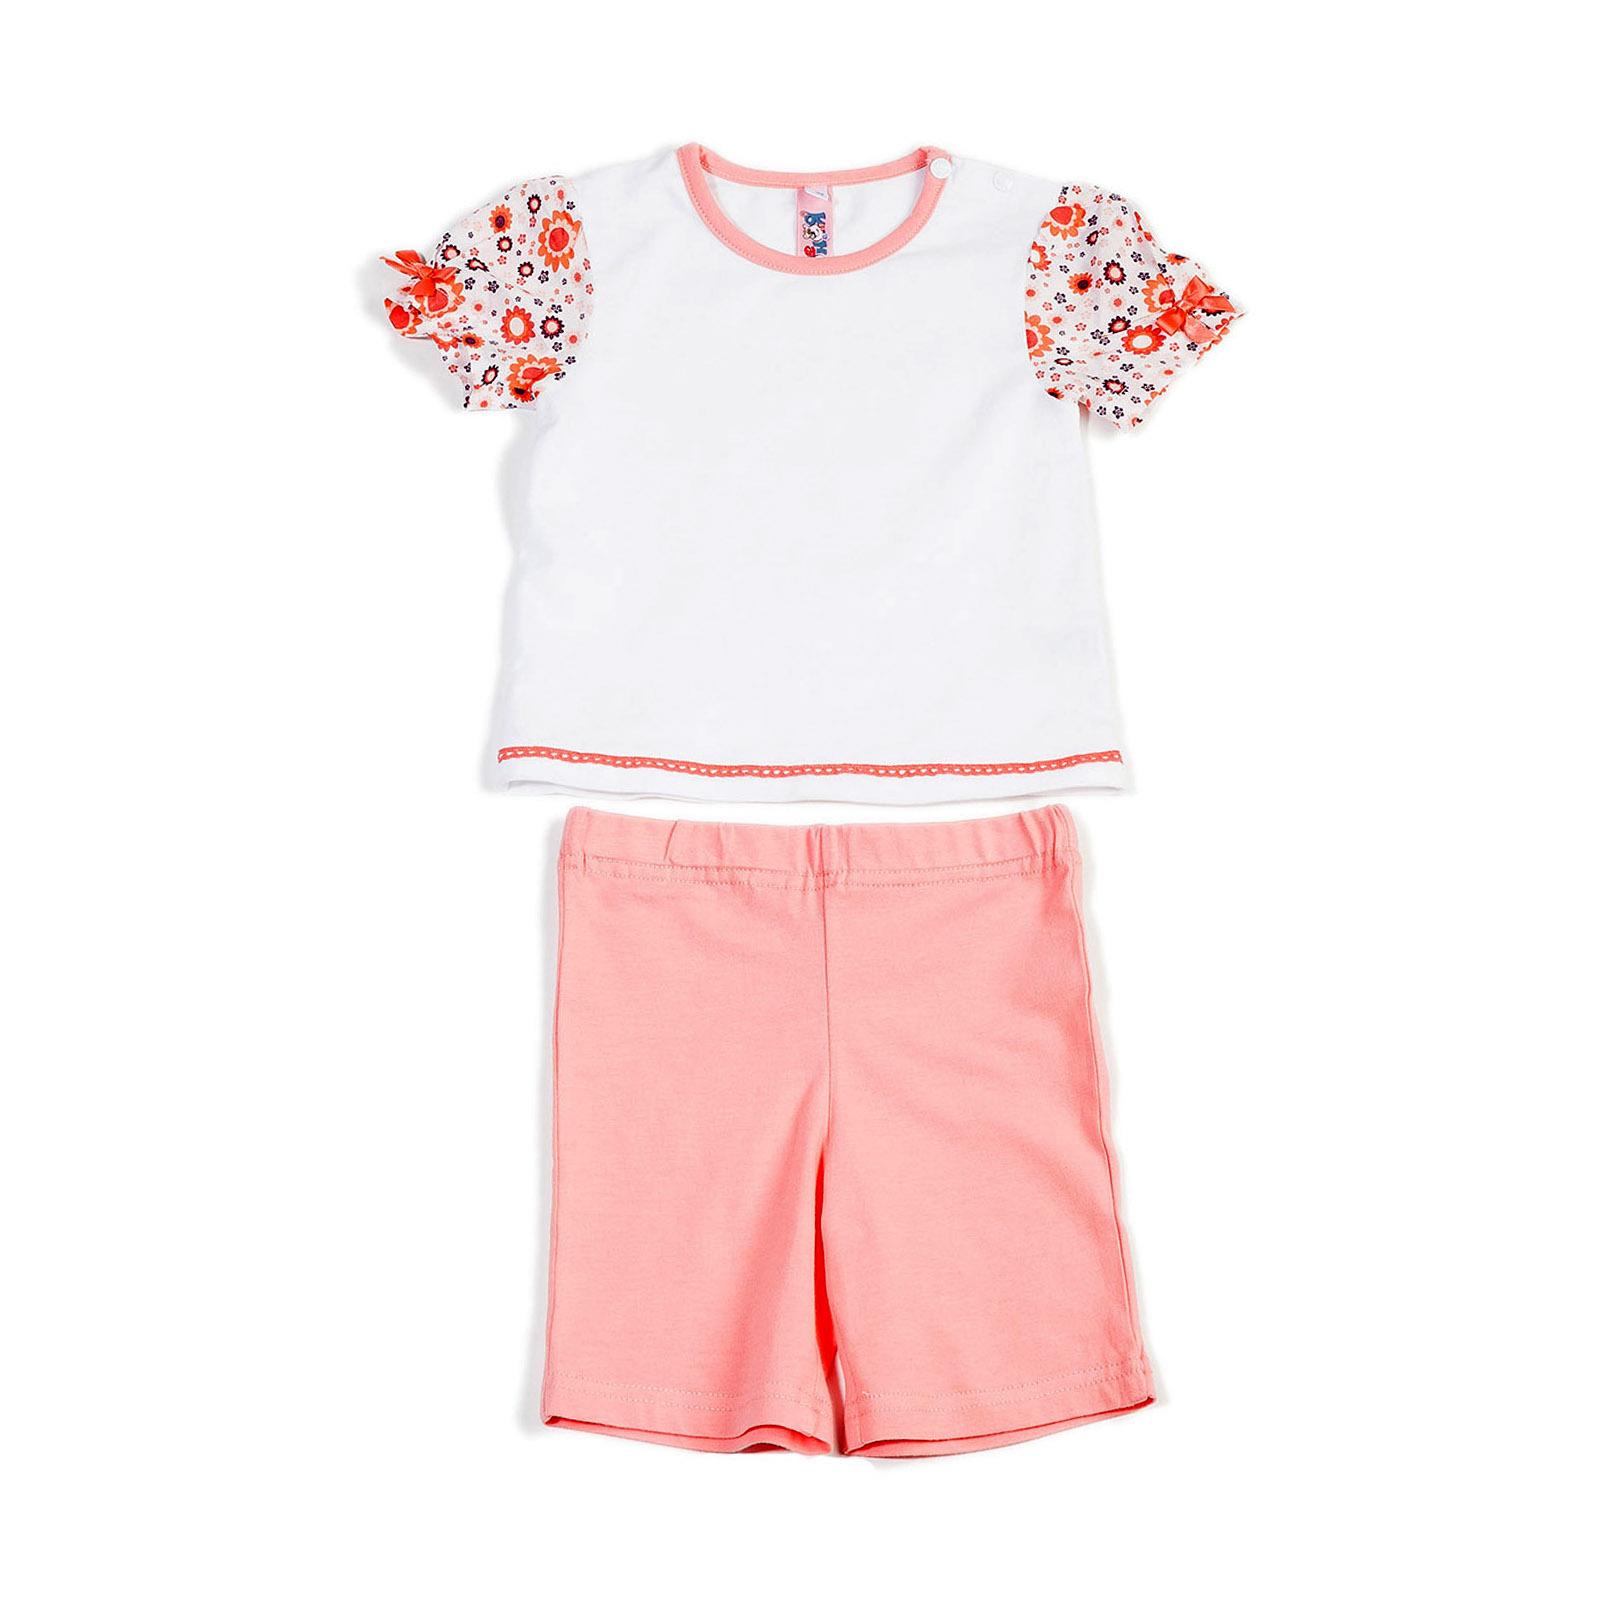 Комплект Veneya Венейя (футболка+шорты) для девочки, цвет белый размер 92